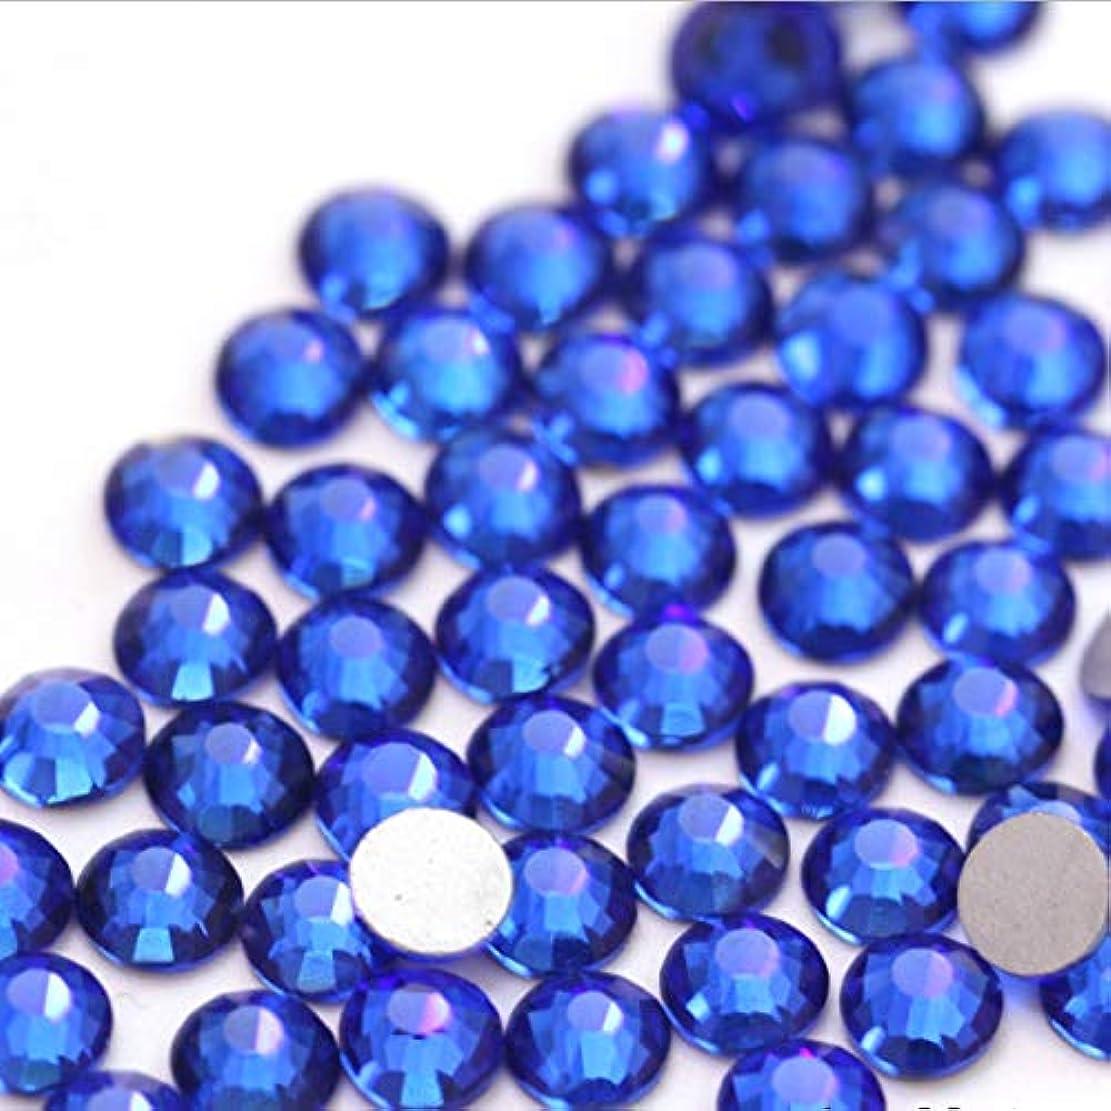 芽召集する微妙【ラインストーン77】高品質ガラス製ラインストーン サファイア (4.0mm (SS16) 約150粒)